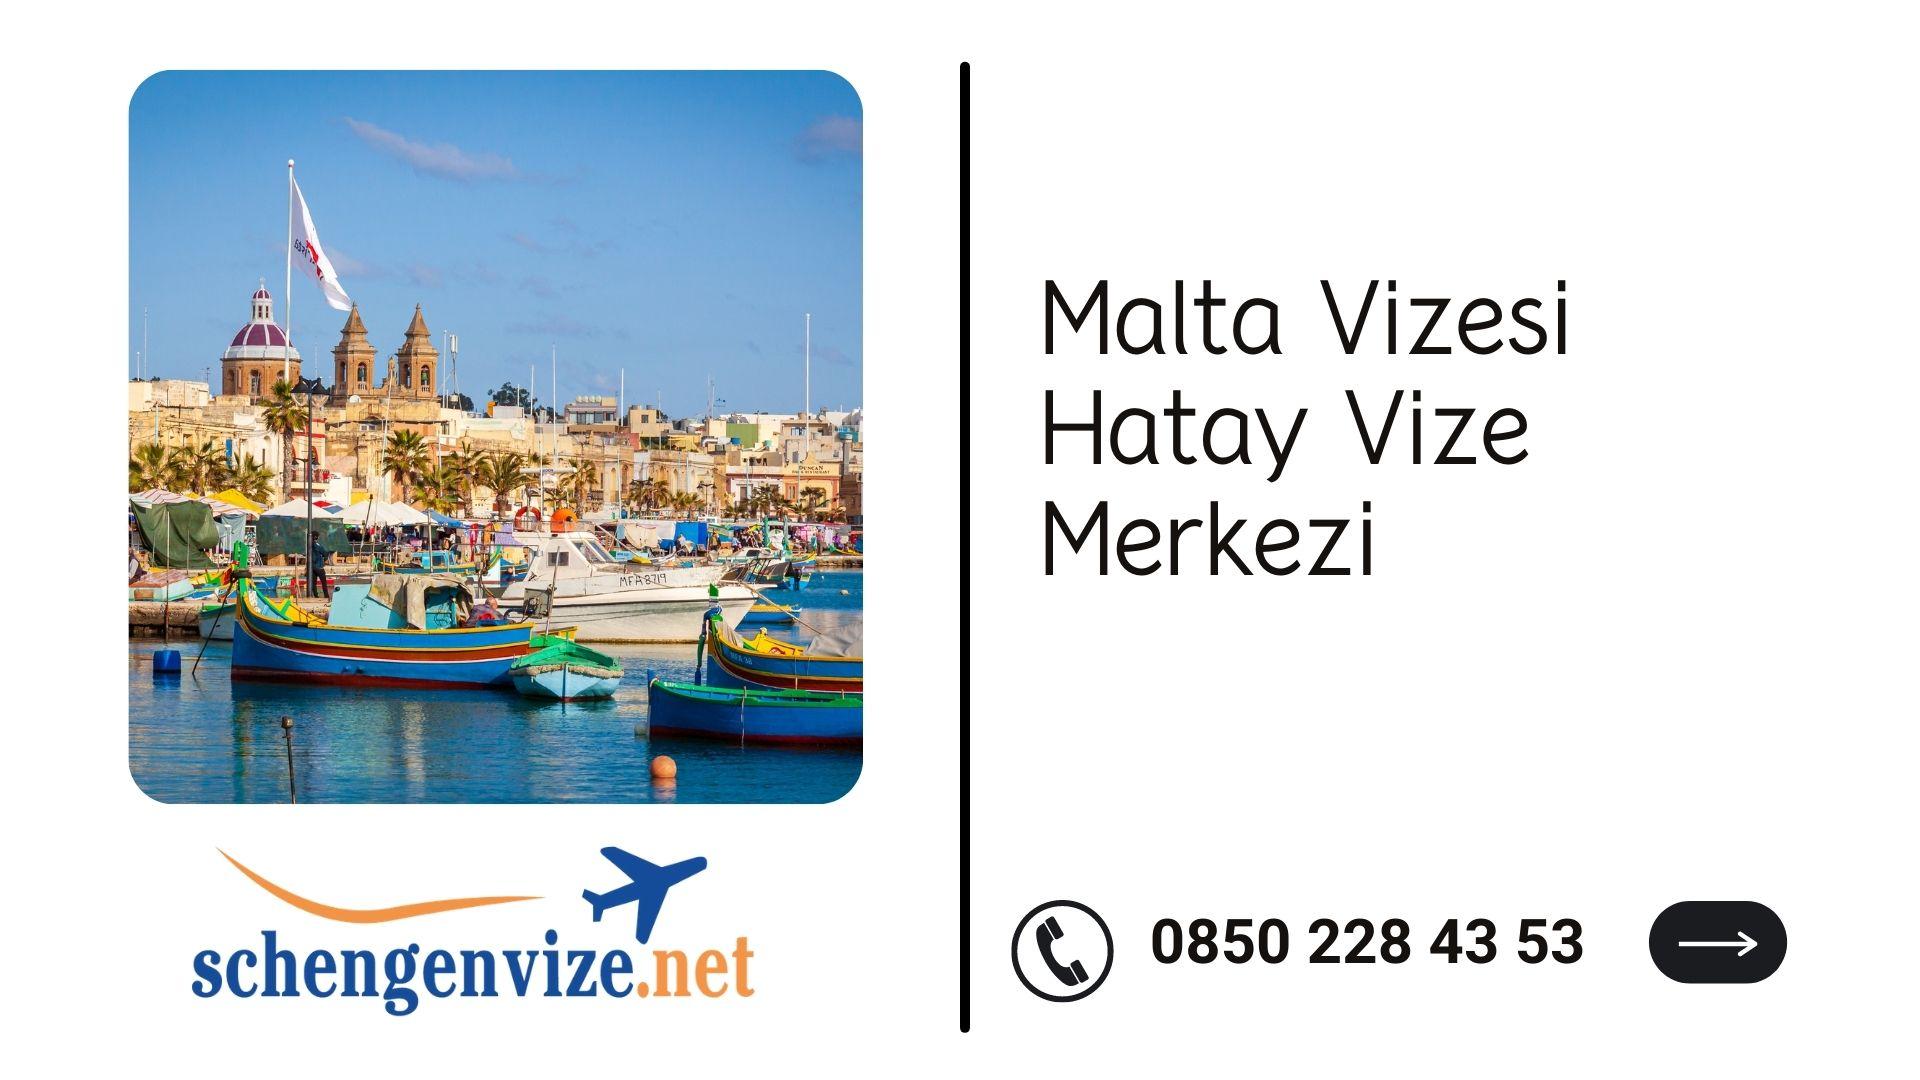 Malta Vizesi Hatay Vize Merkezi